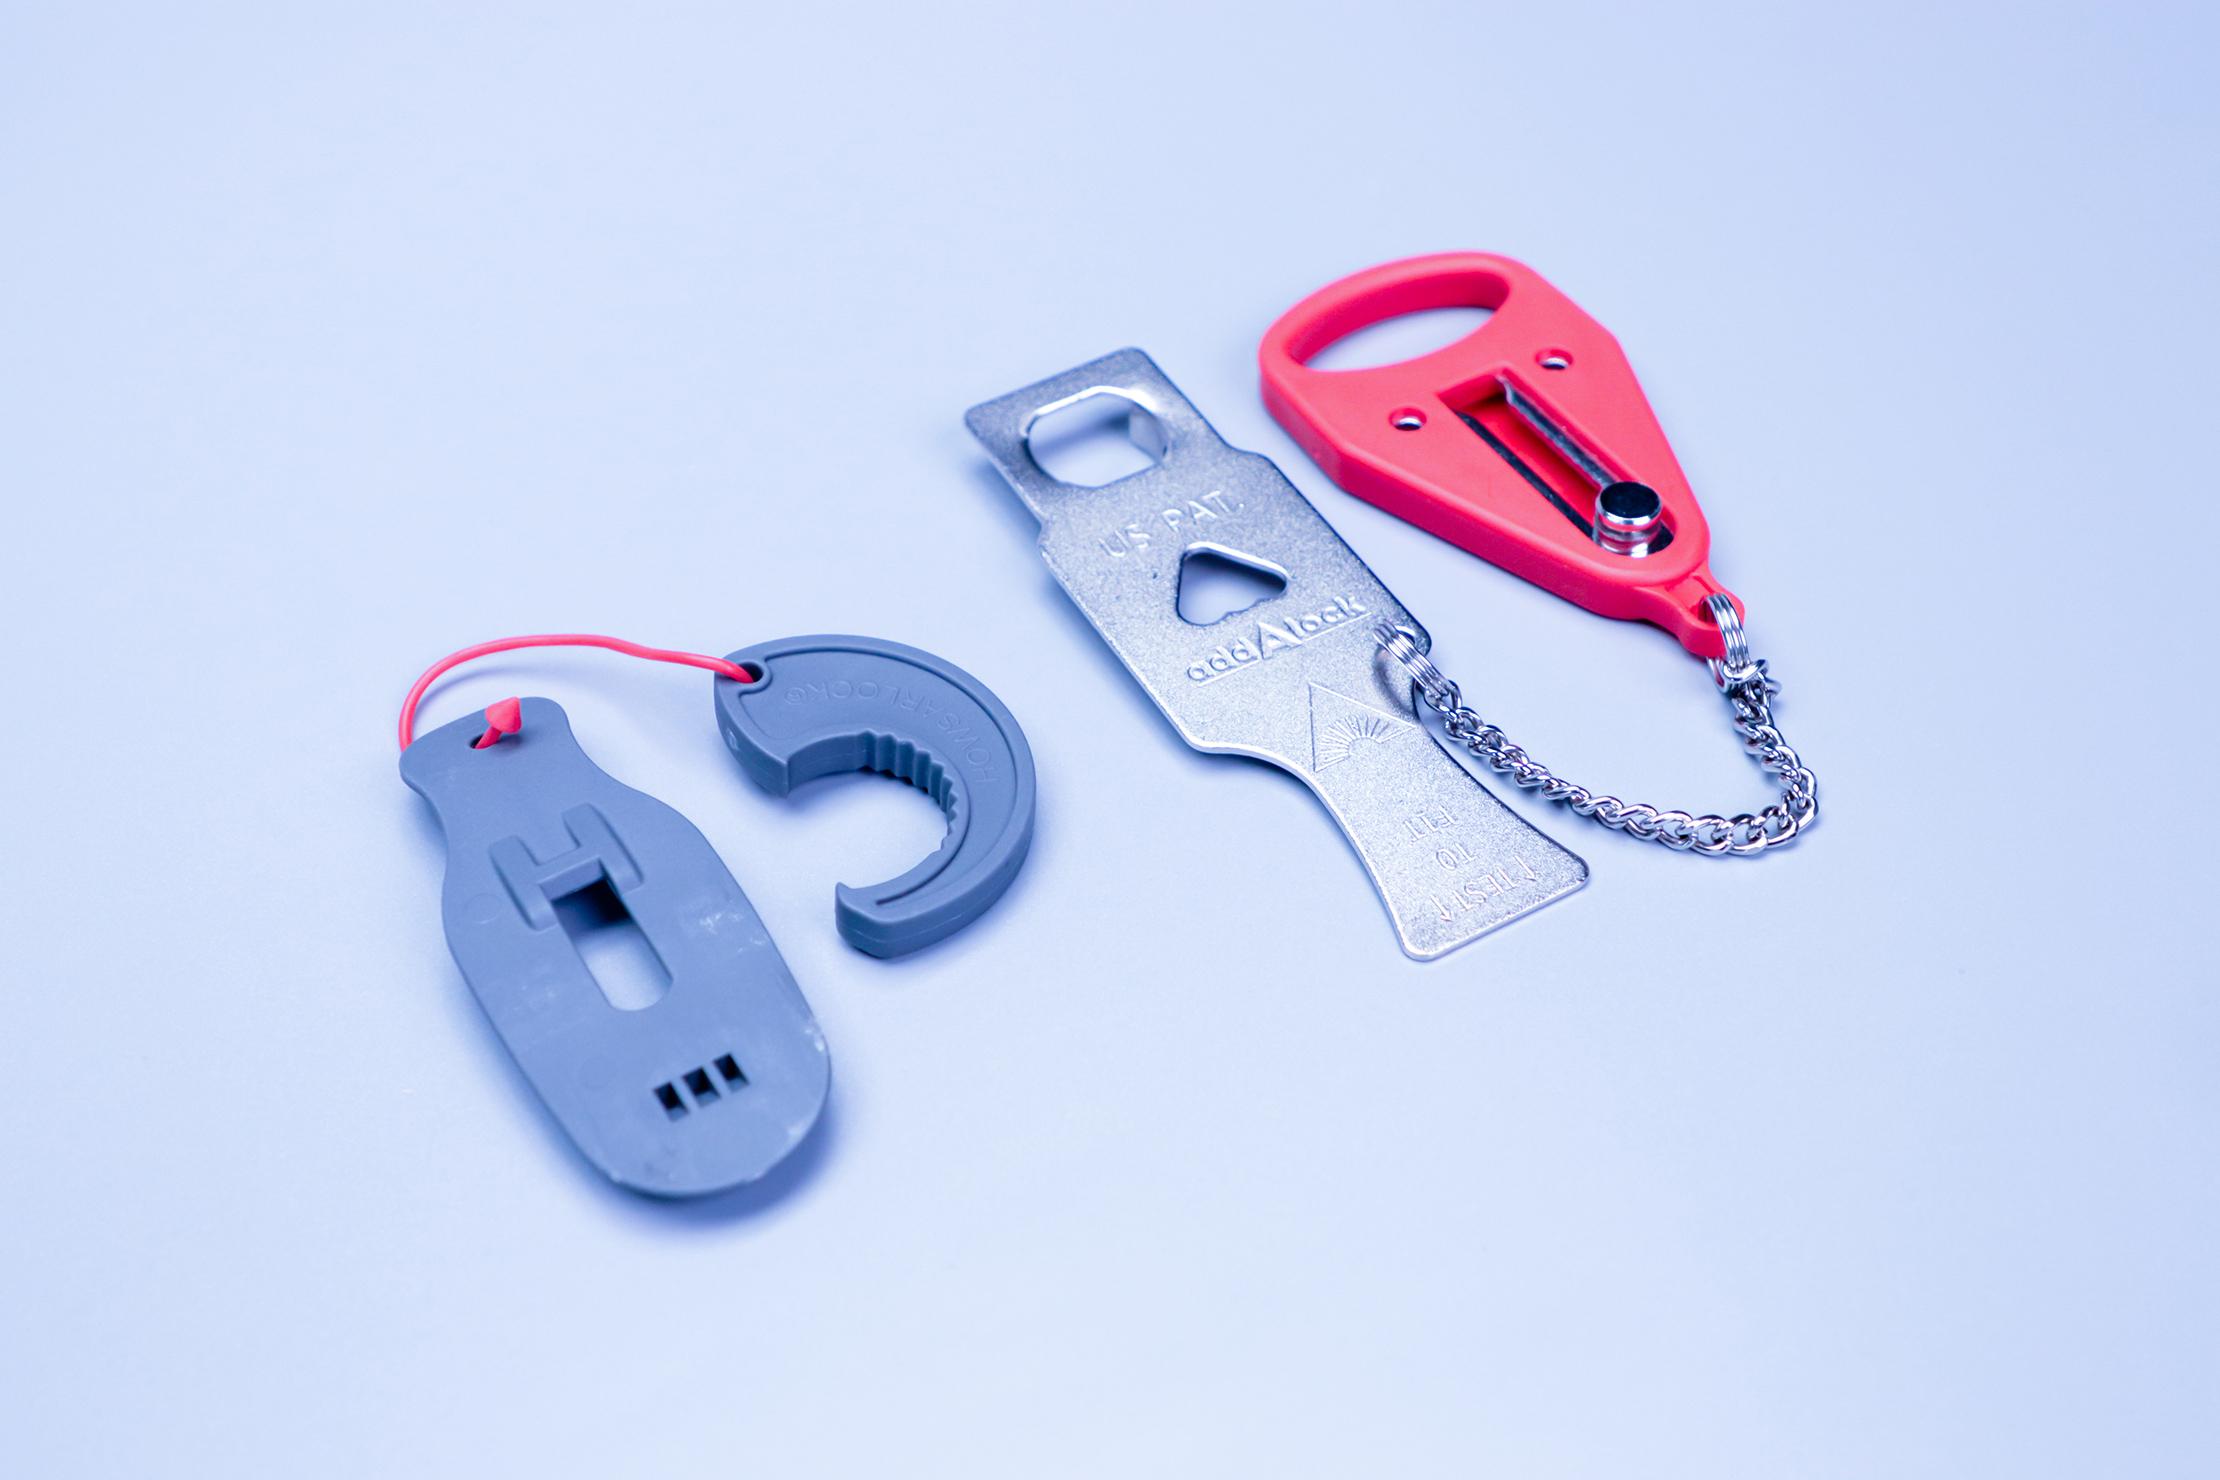 Addalock Portable Door Lock Comparison